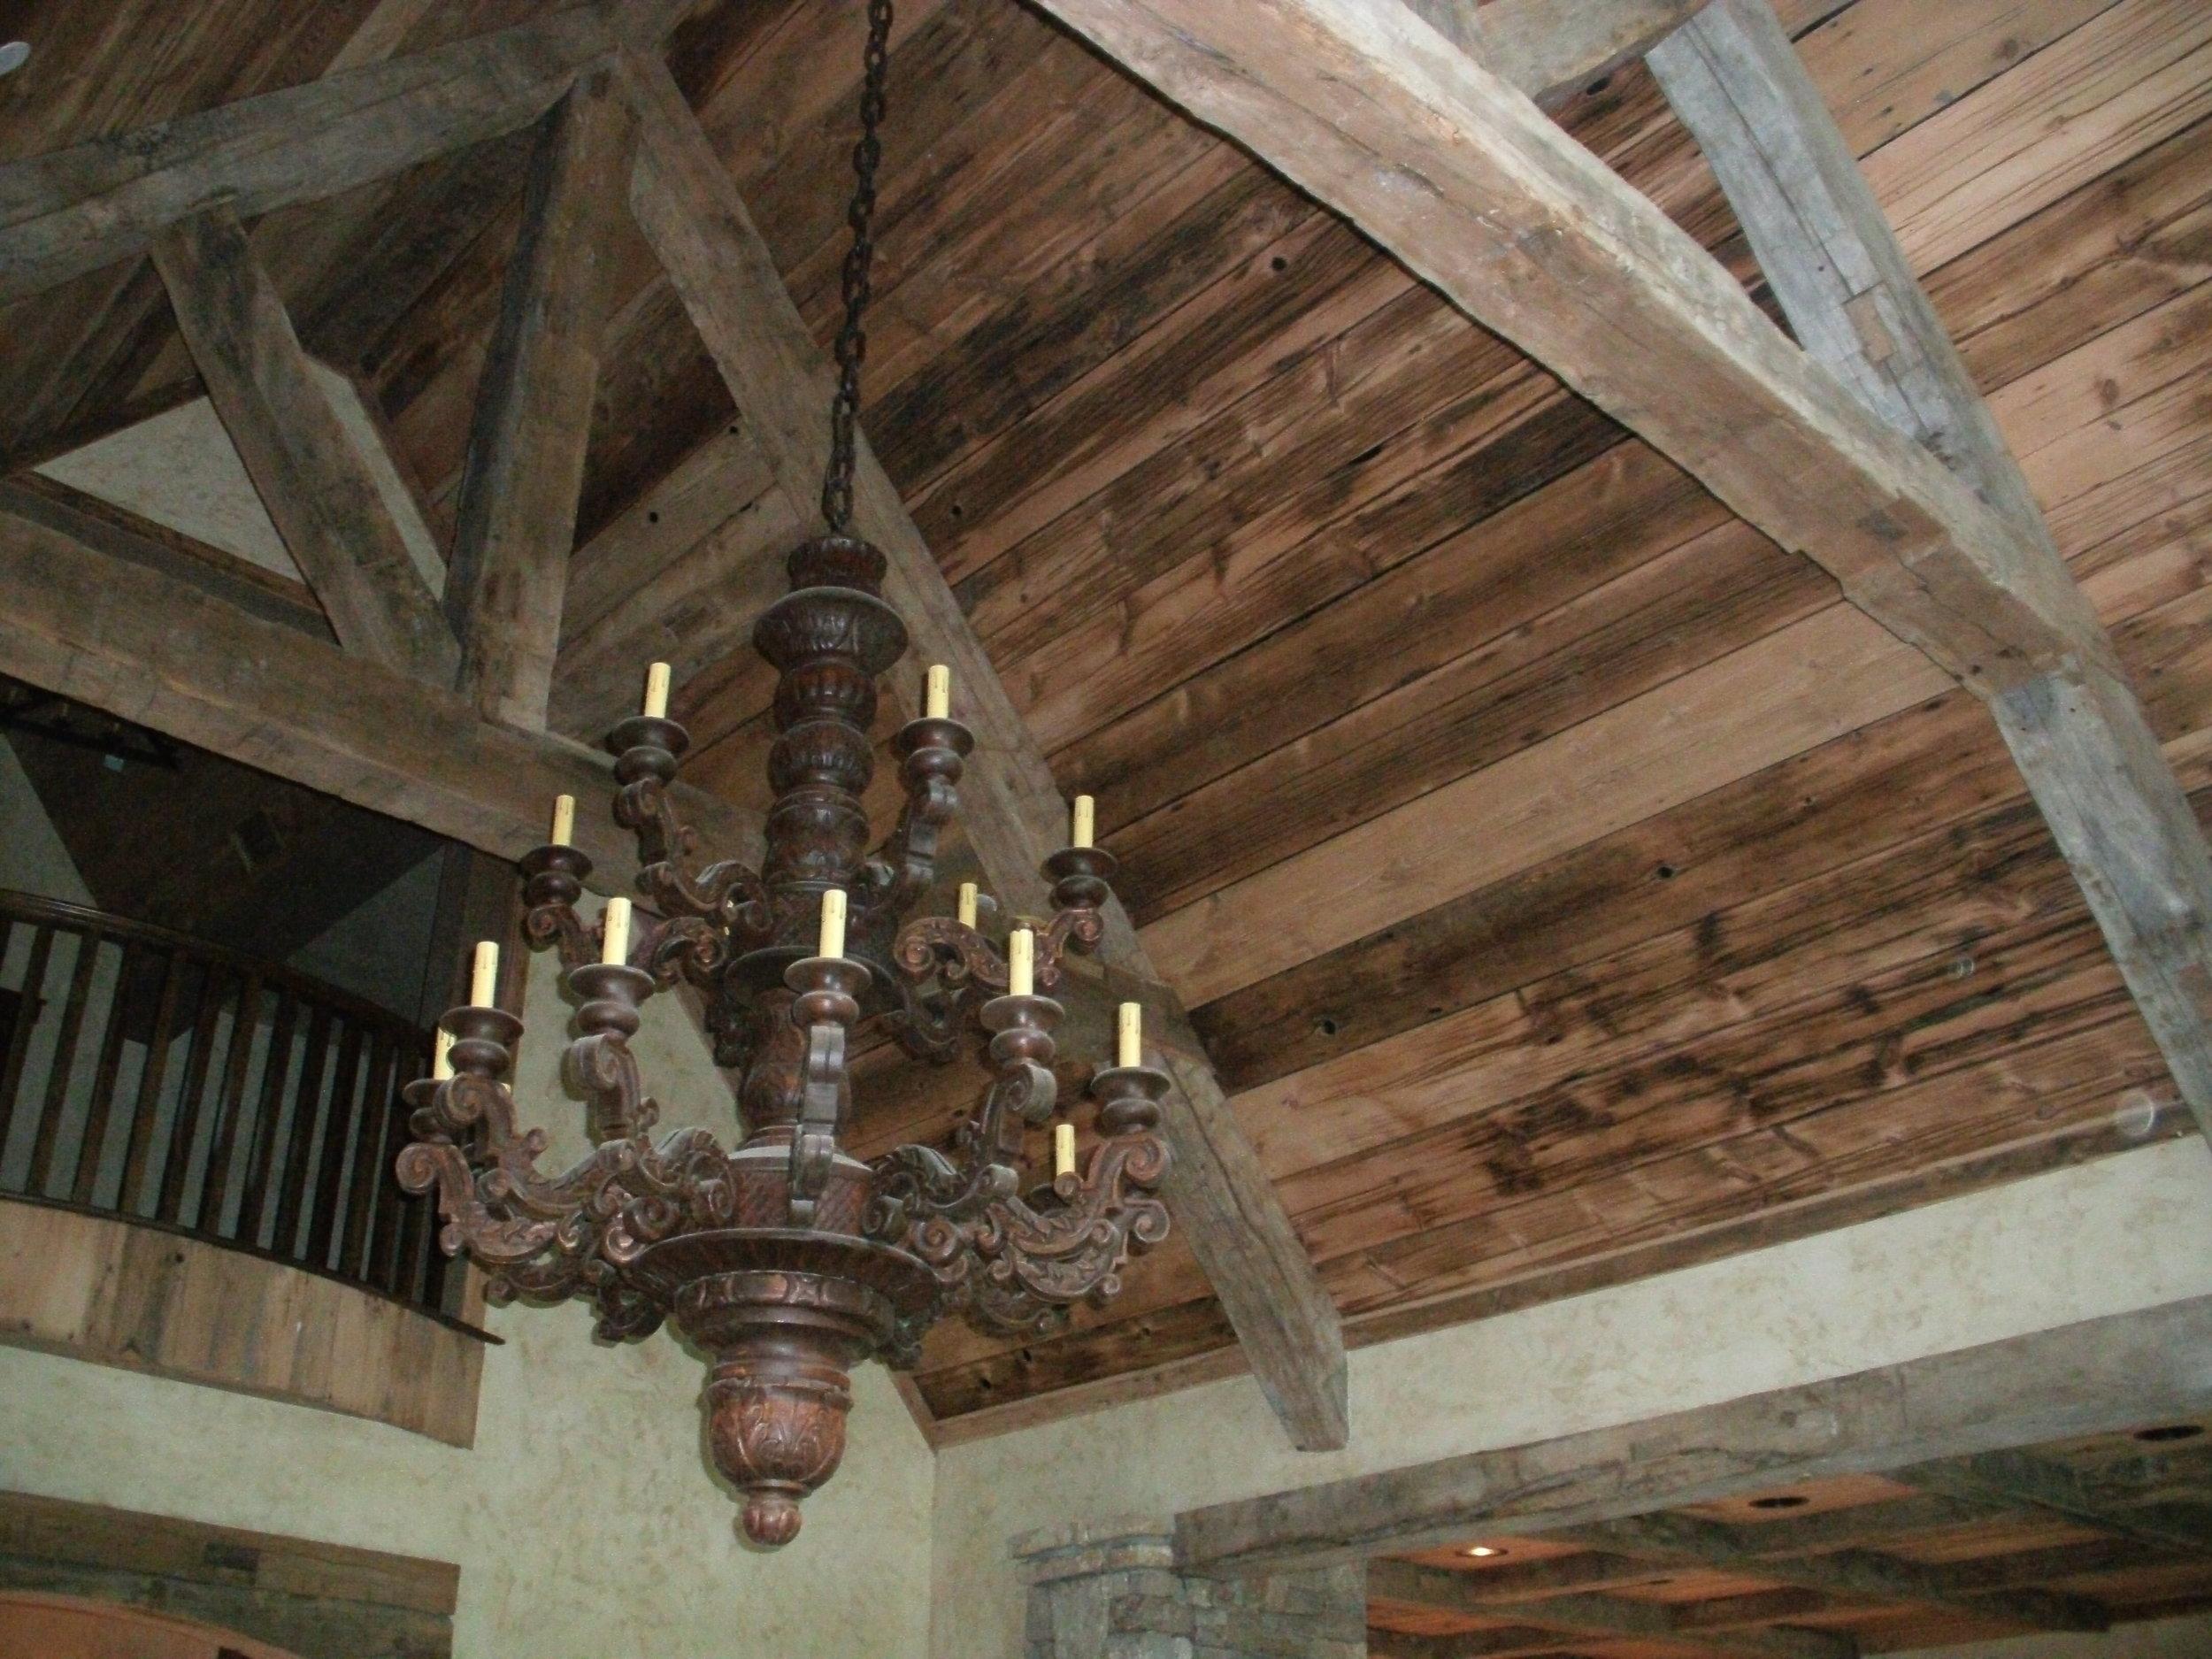 Pine Barn Board